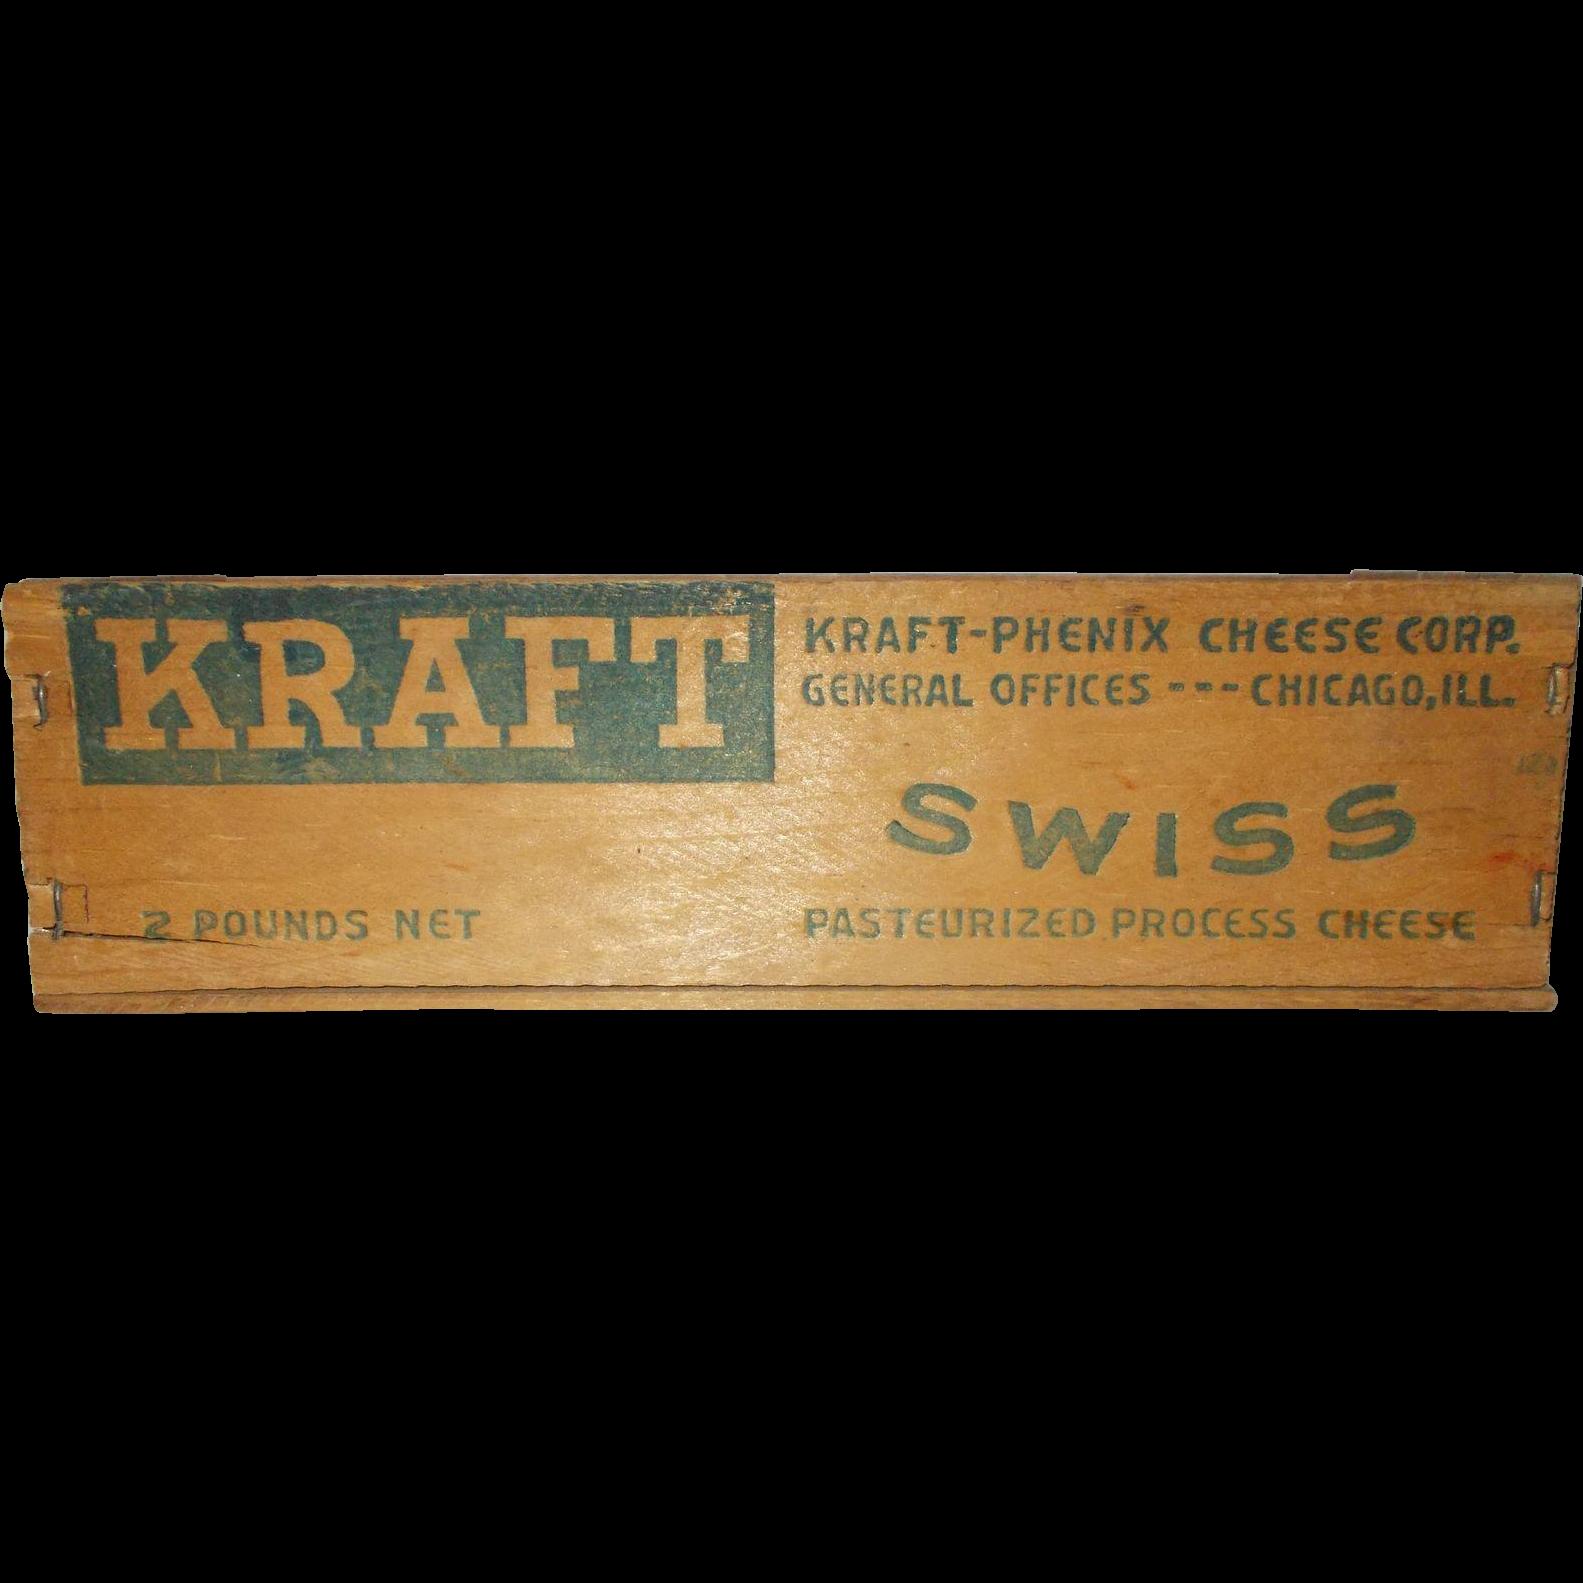 Wood Kraft-Phenix  Swiss cheese box